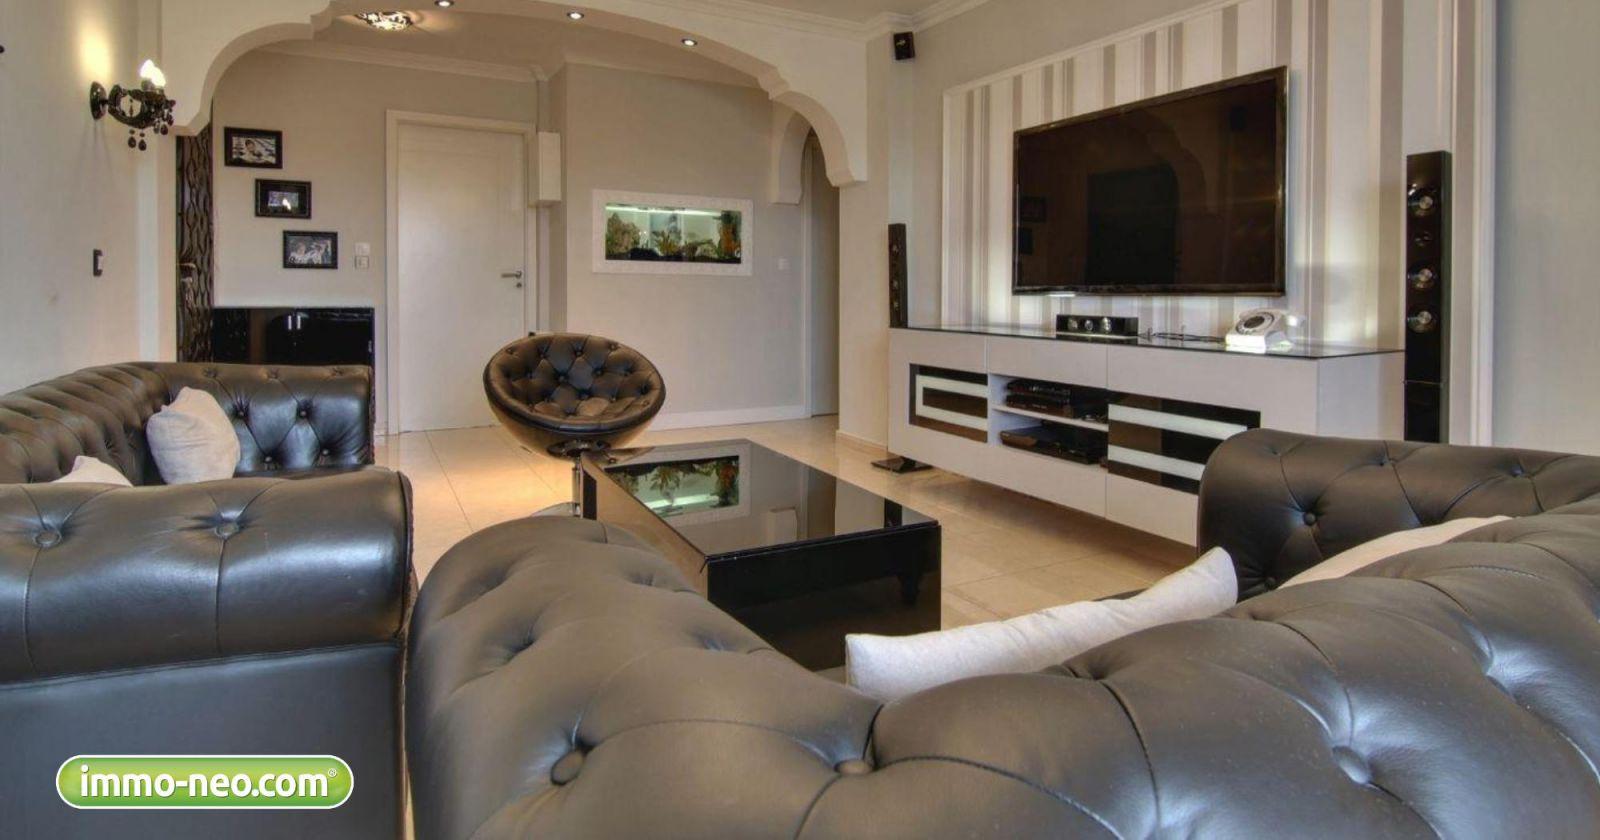 Quattro salotti immo neo con mega tv per guardare italia for Immagini case antiche interni